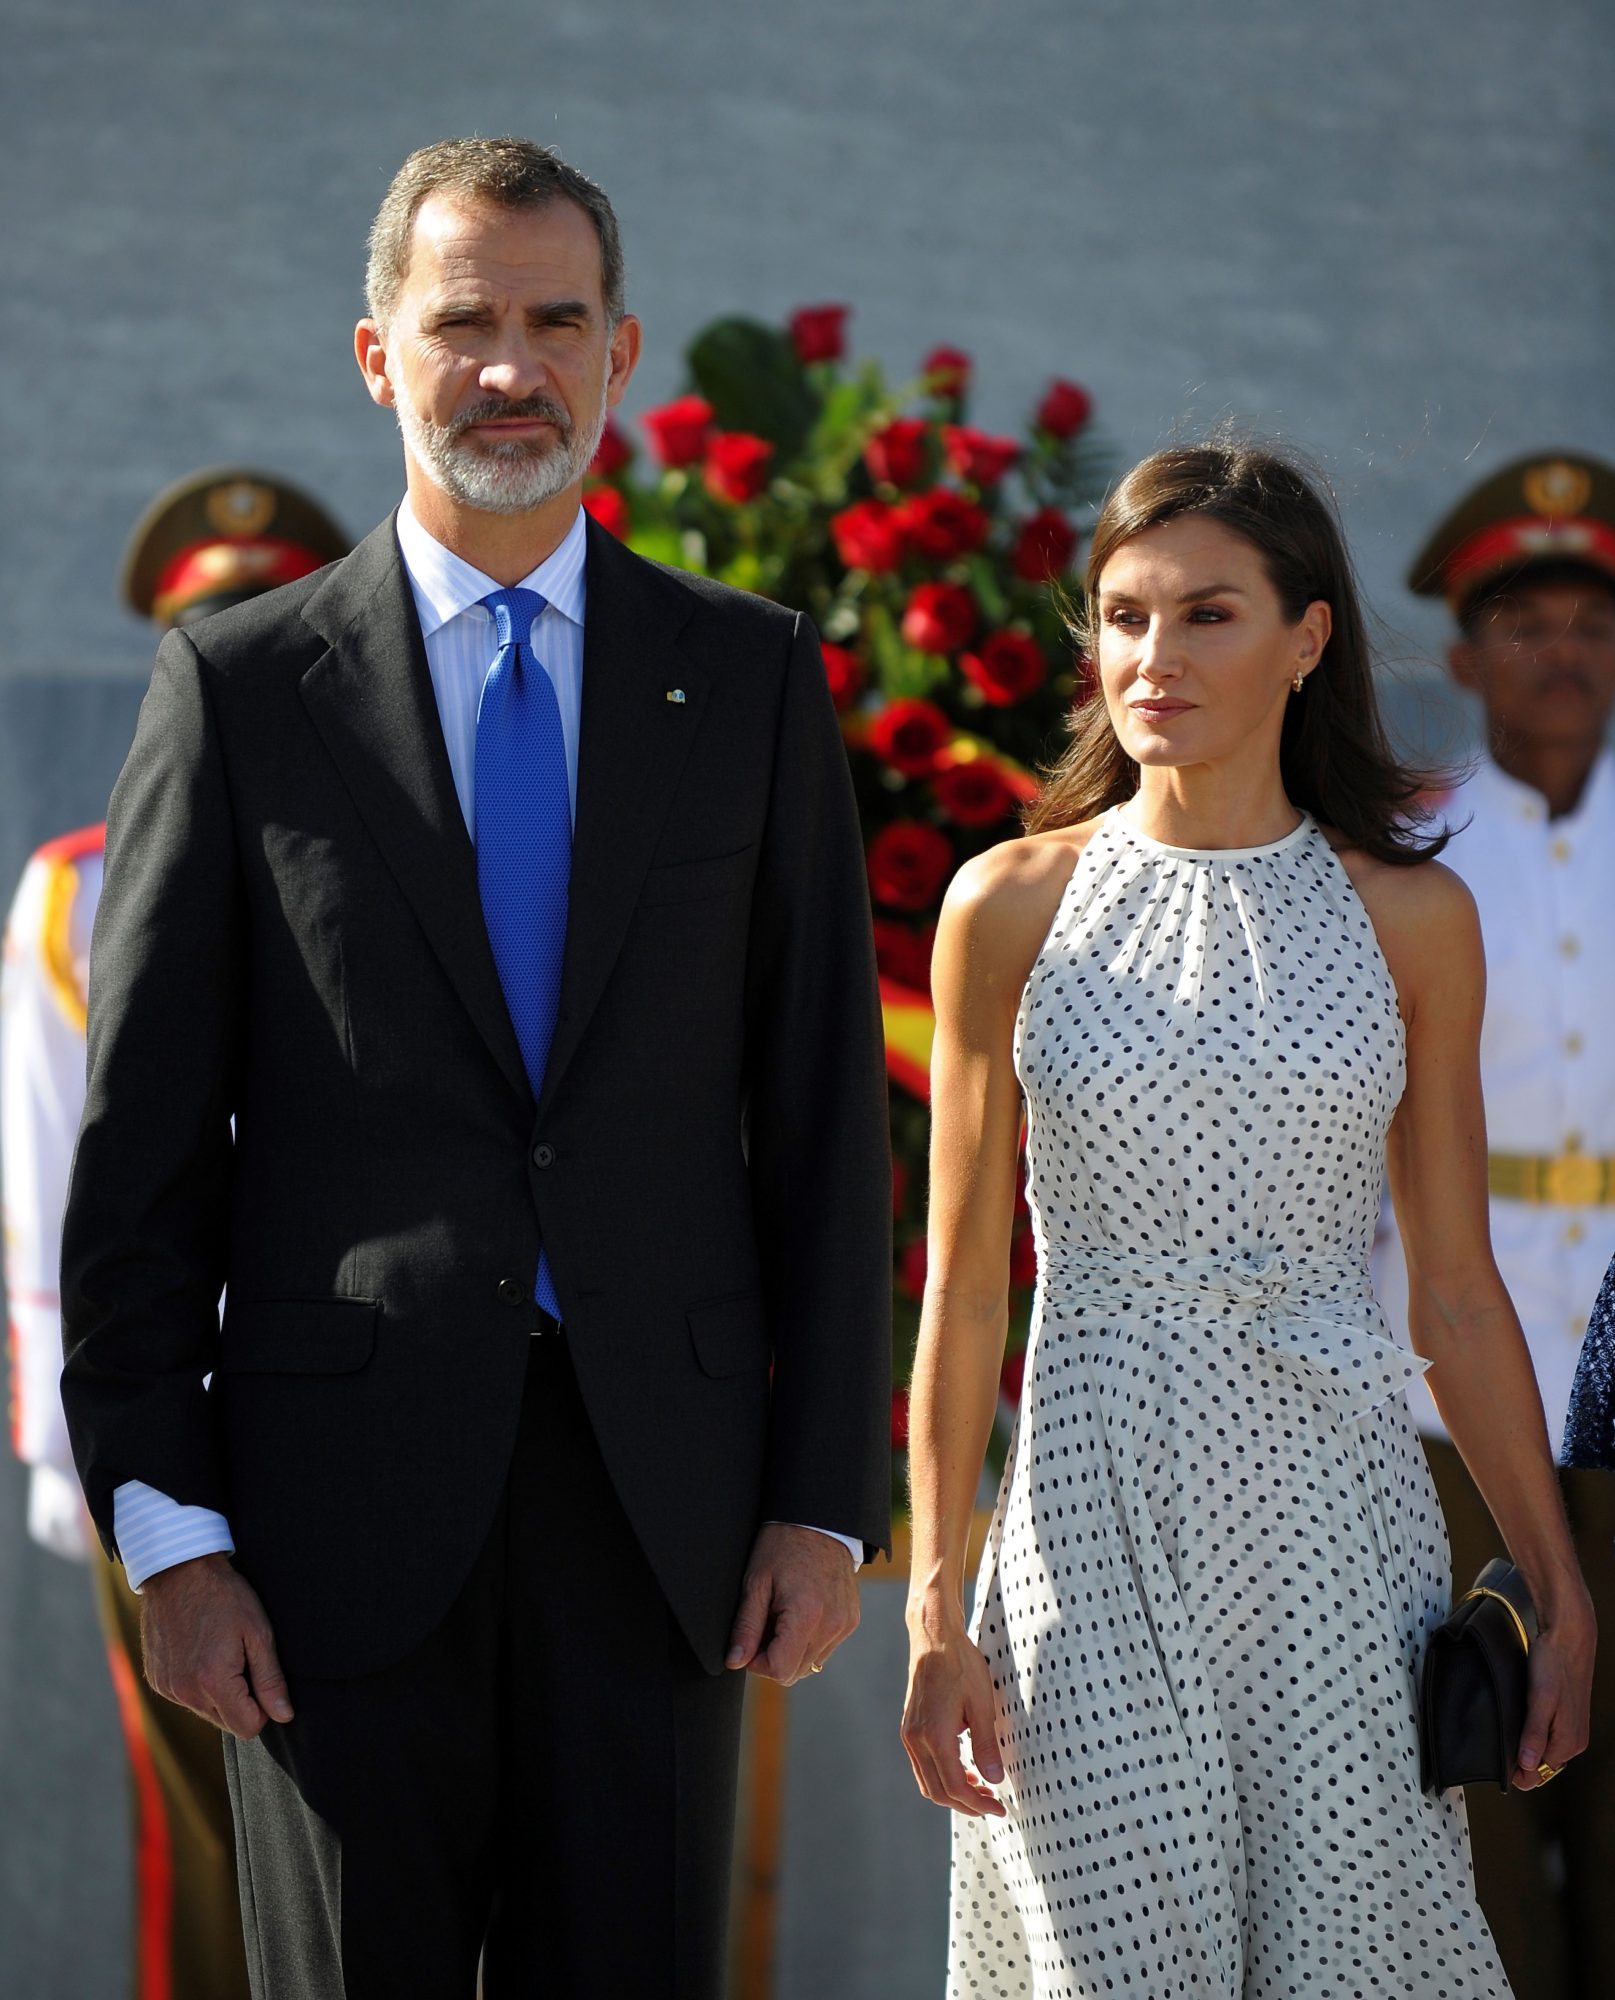 CUBA-SPAIN-DIPLOMACY-FELIPE VI